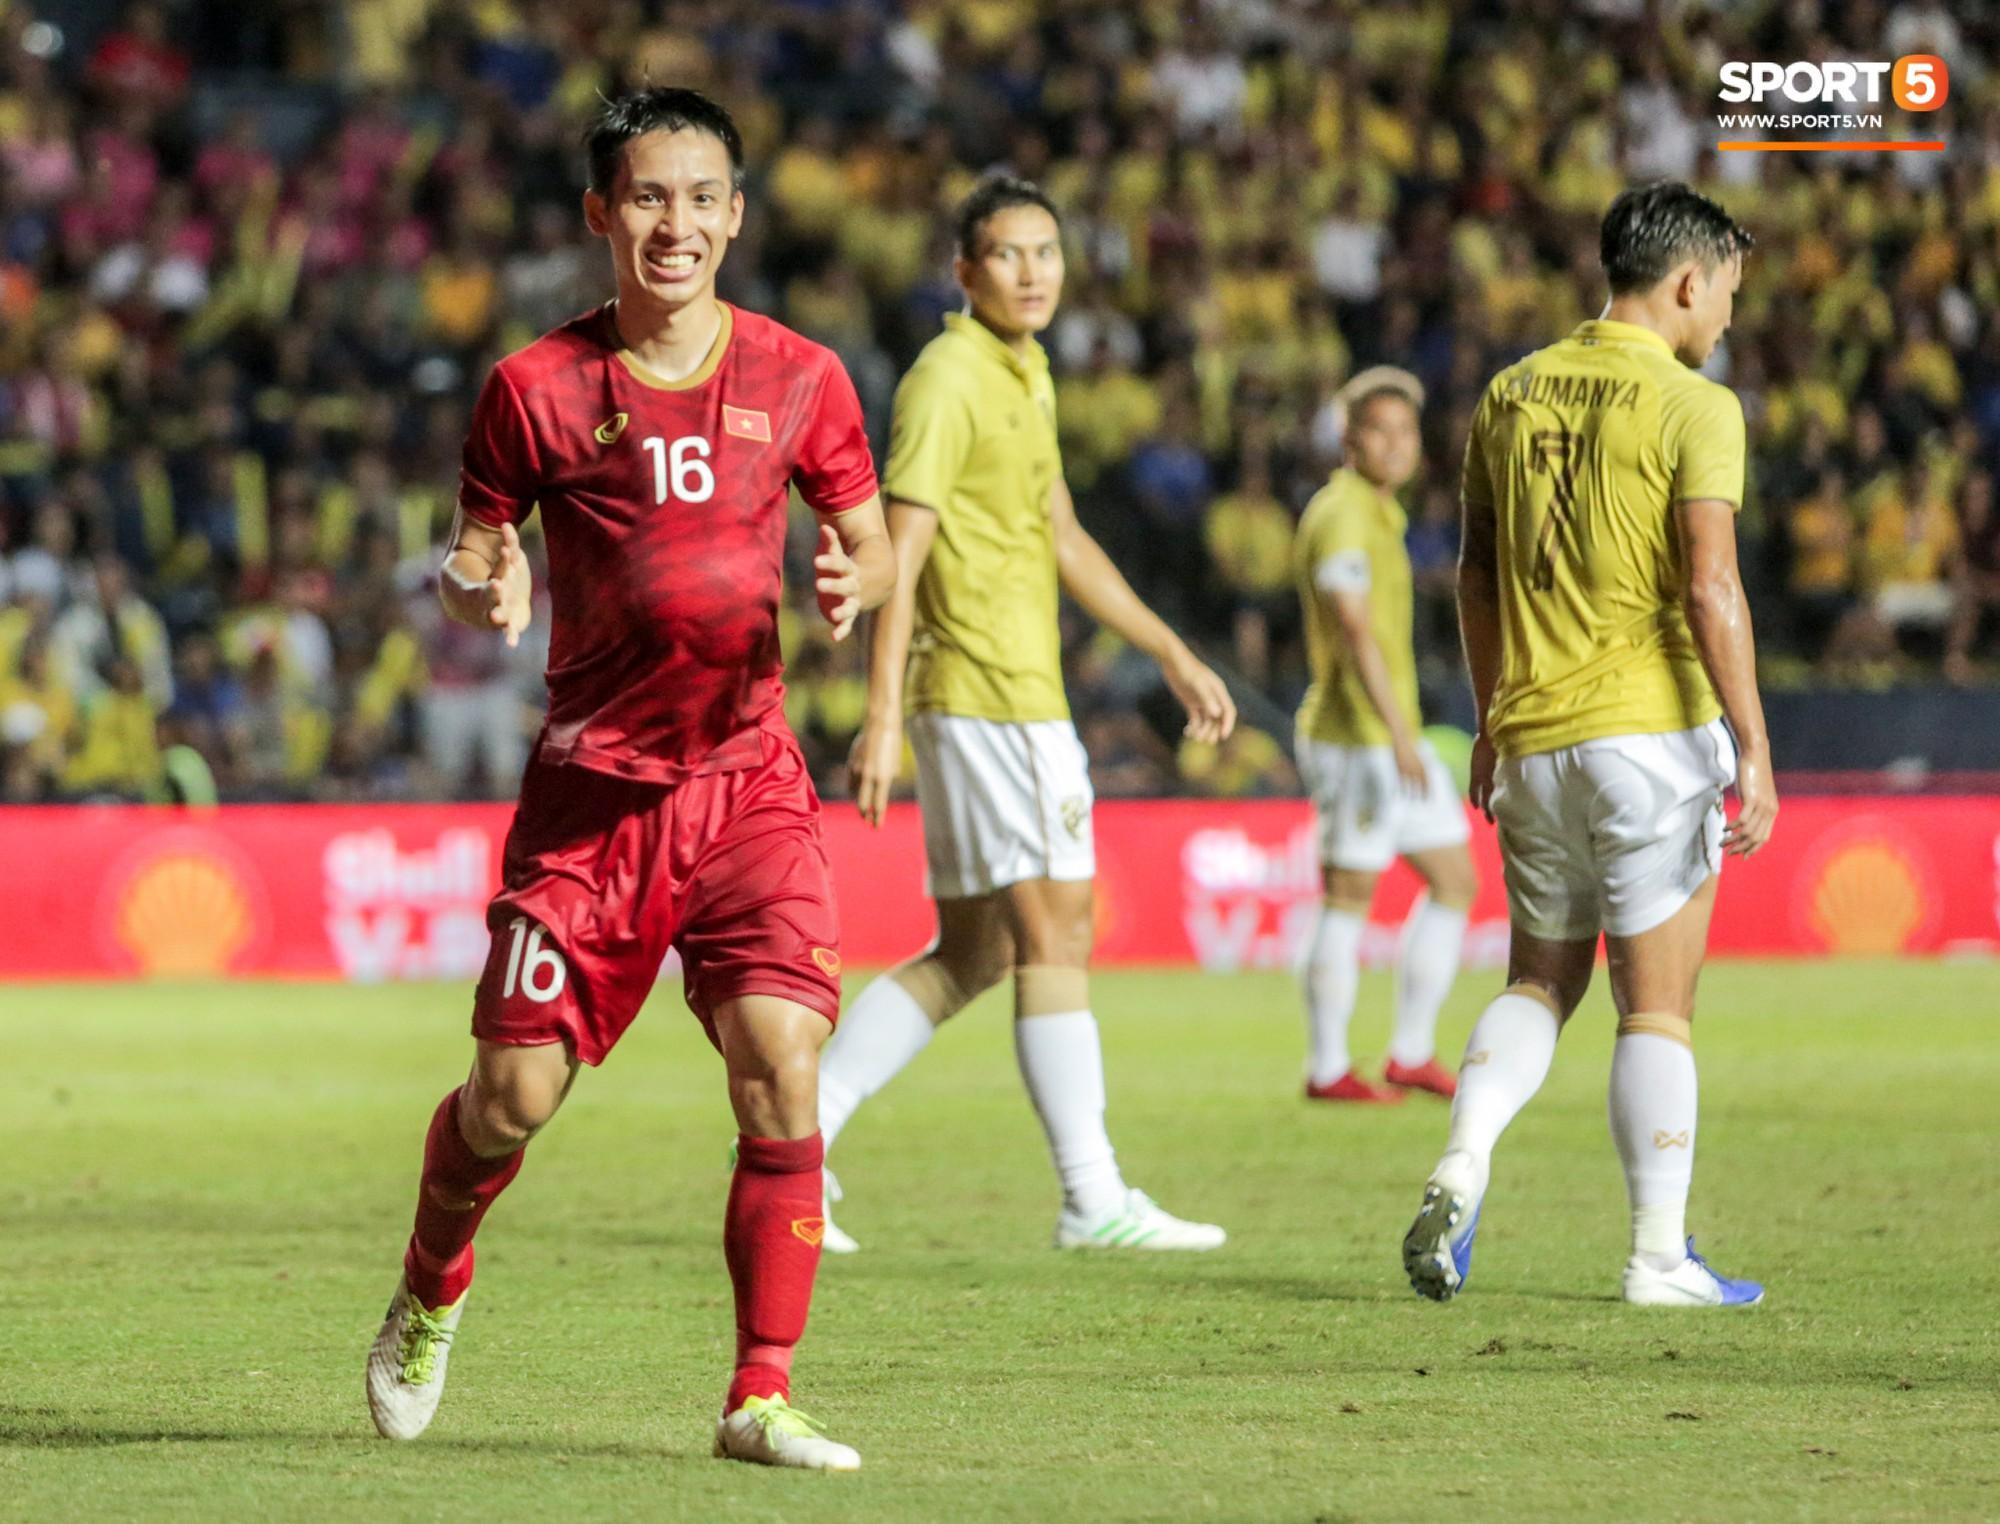 Hài hước: Tiền vệ tuyển Việt Nam bị trọng tài xin lại bụng bầu sau màn ăn mừng kinh điển-2